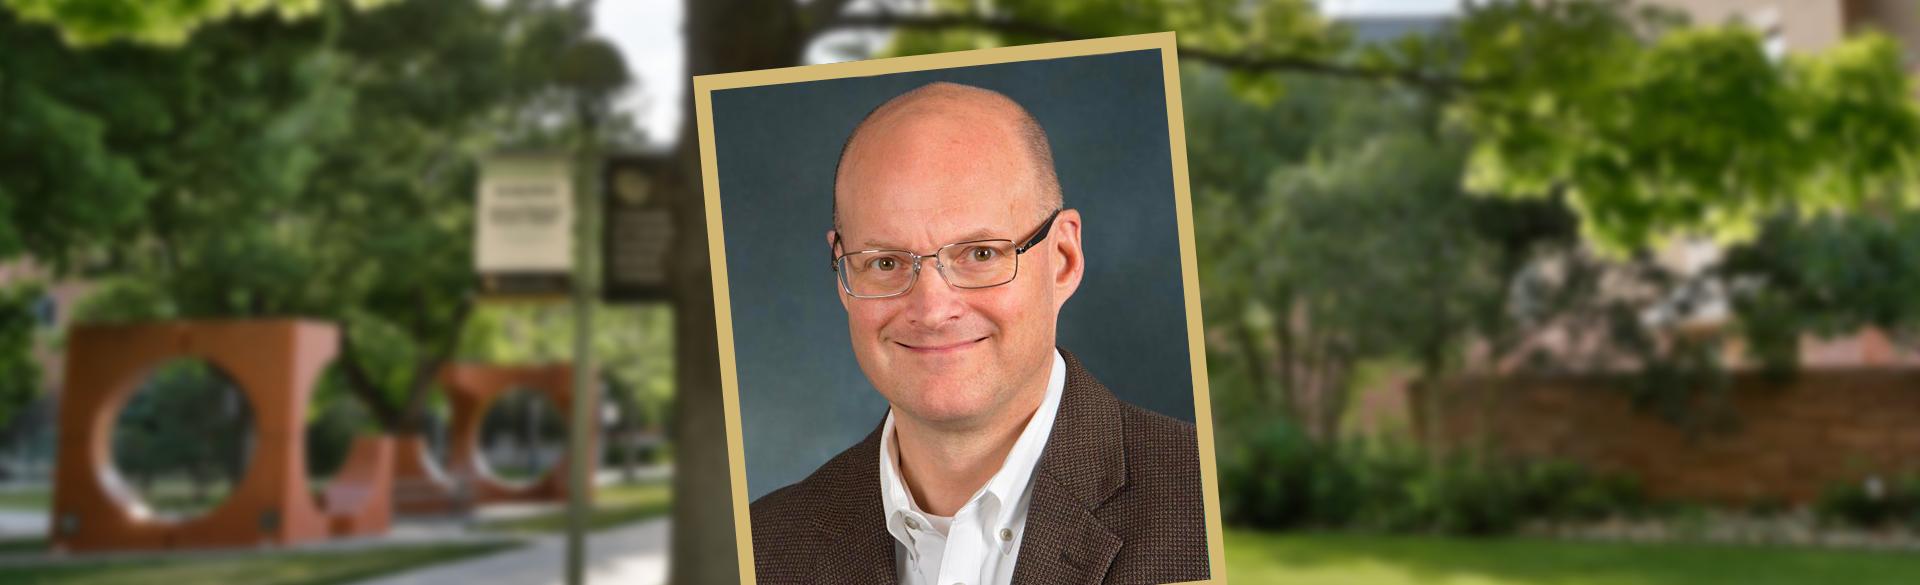 NIH Grant Orthopedics Researcher Michael Zuscik | Colorado School of Medicine | Aurora, CO